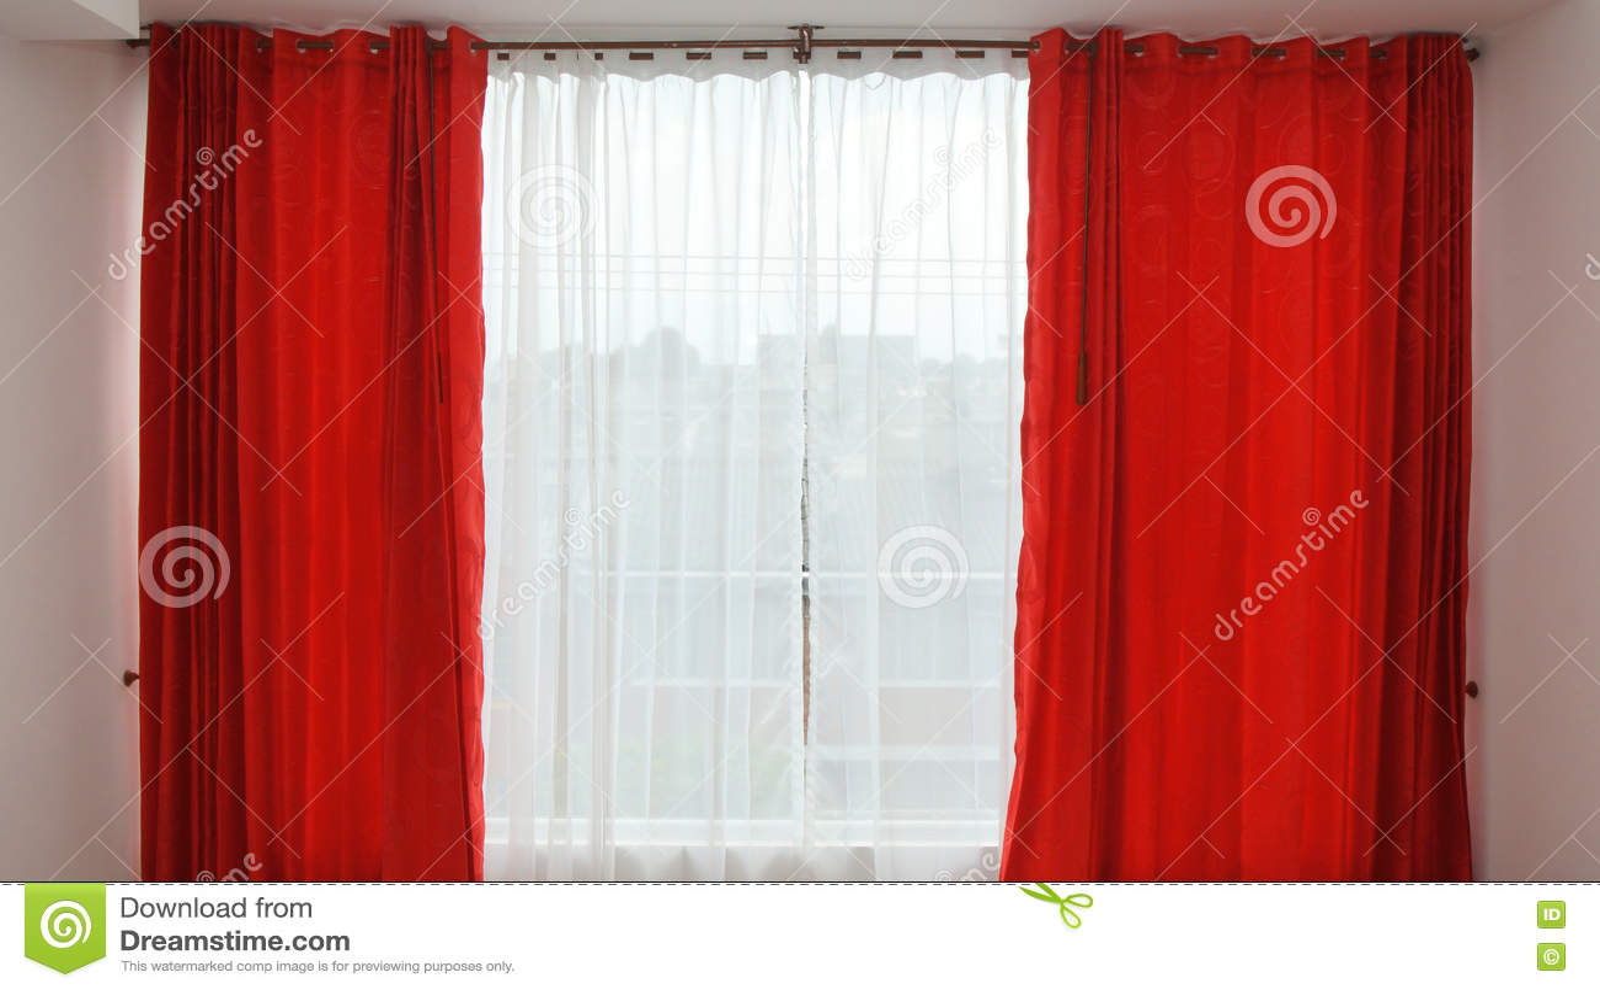 Venster Met Rode Open Gordijnen Stock Afbeelding - Afbeelding ...